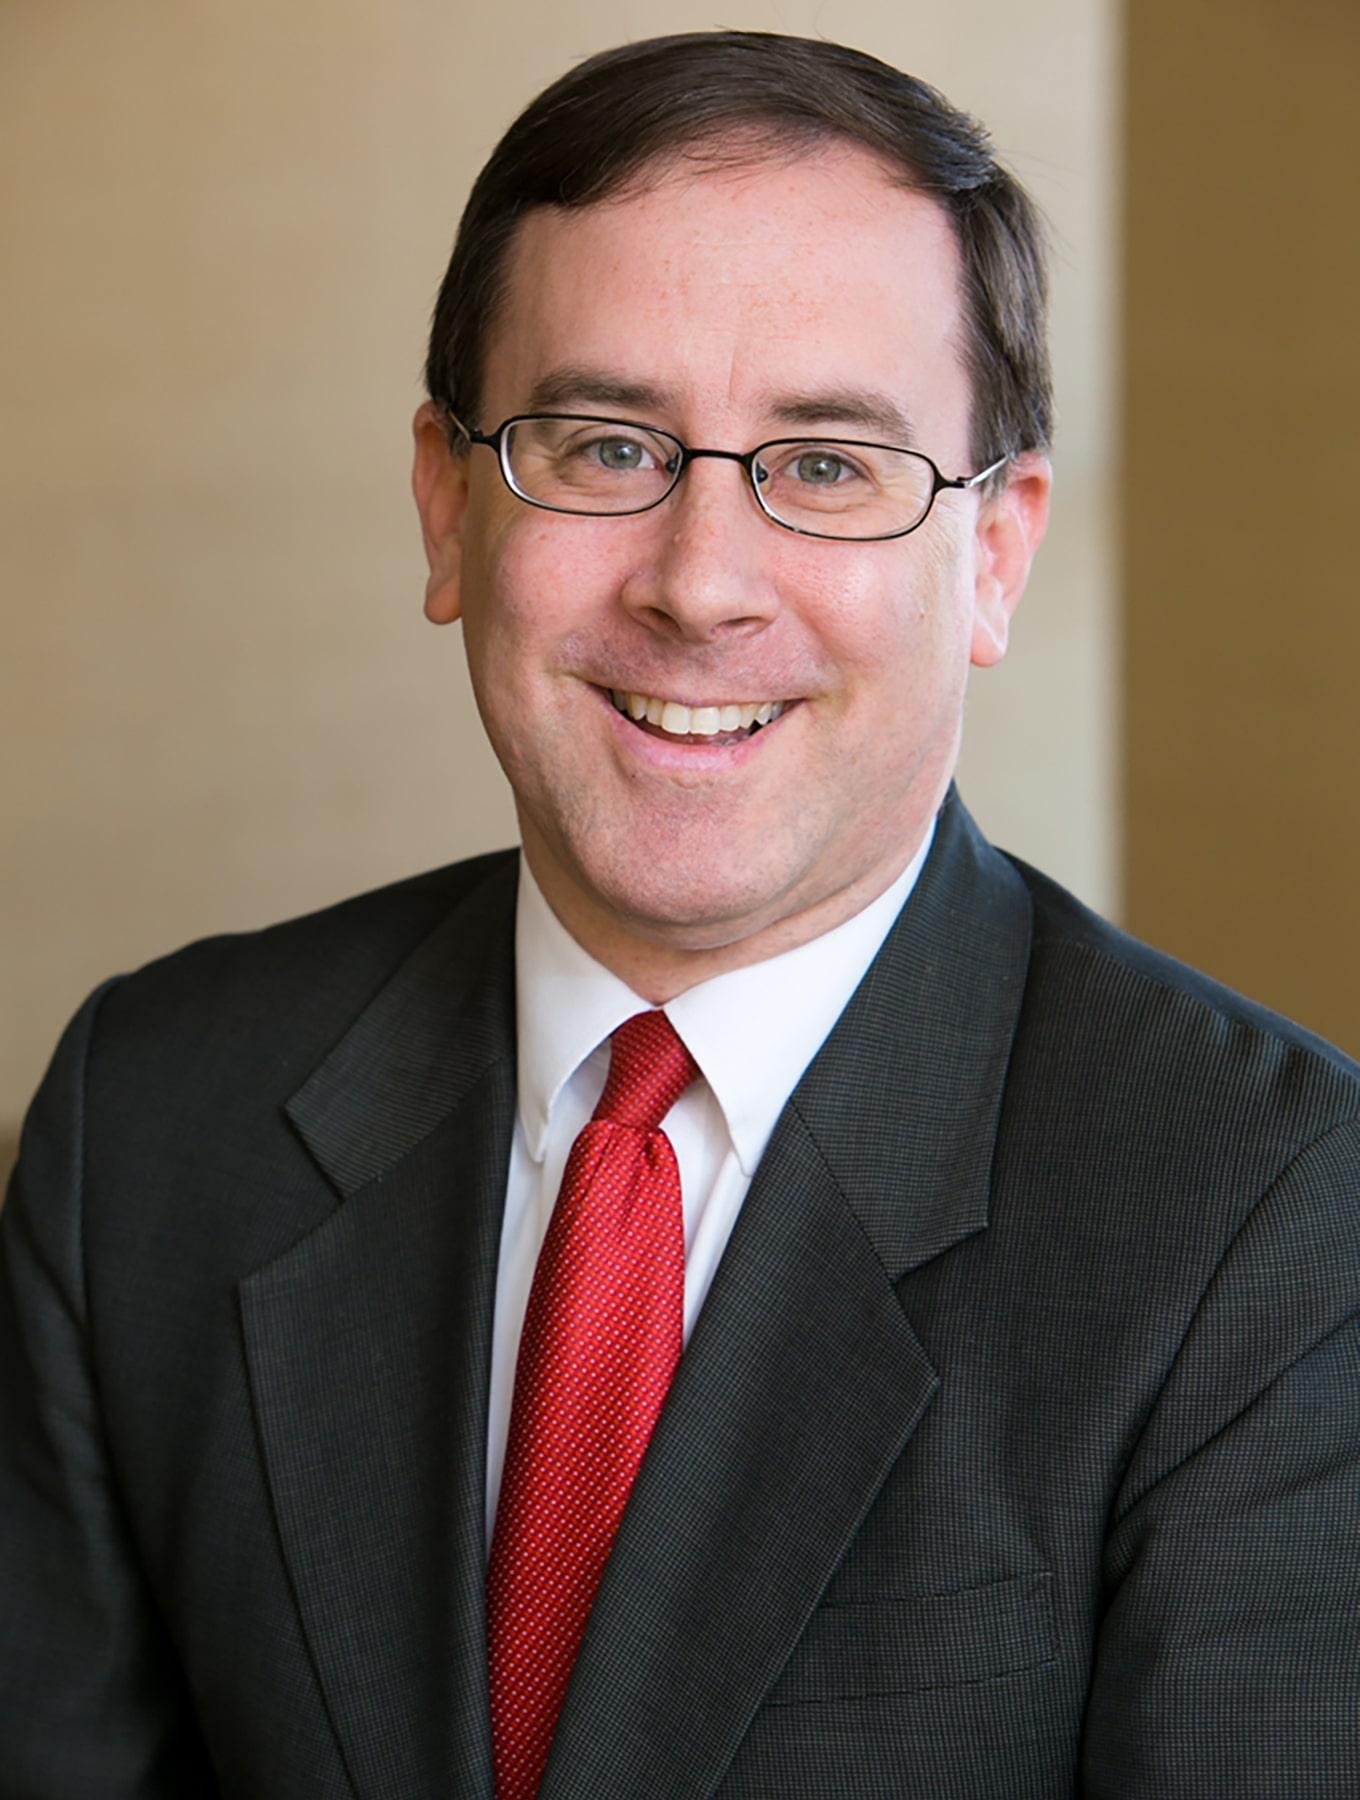 Patrick Chovanec, CPA